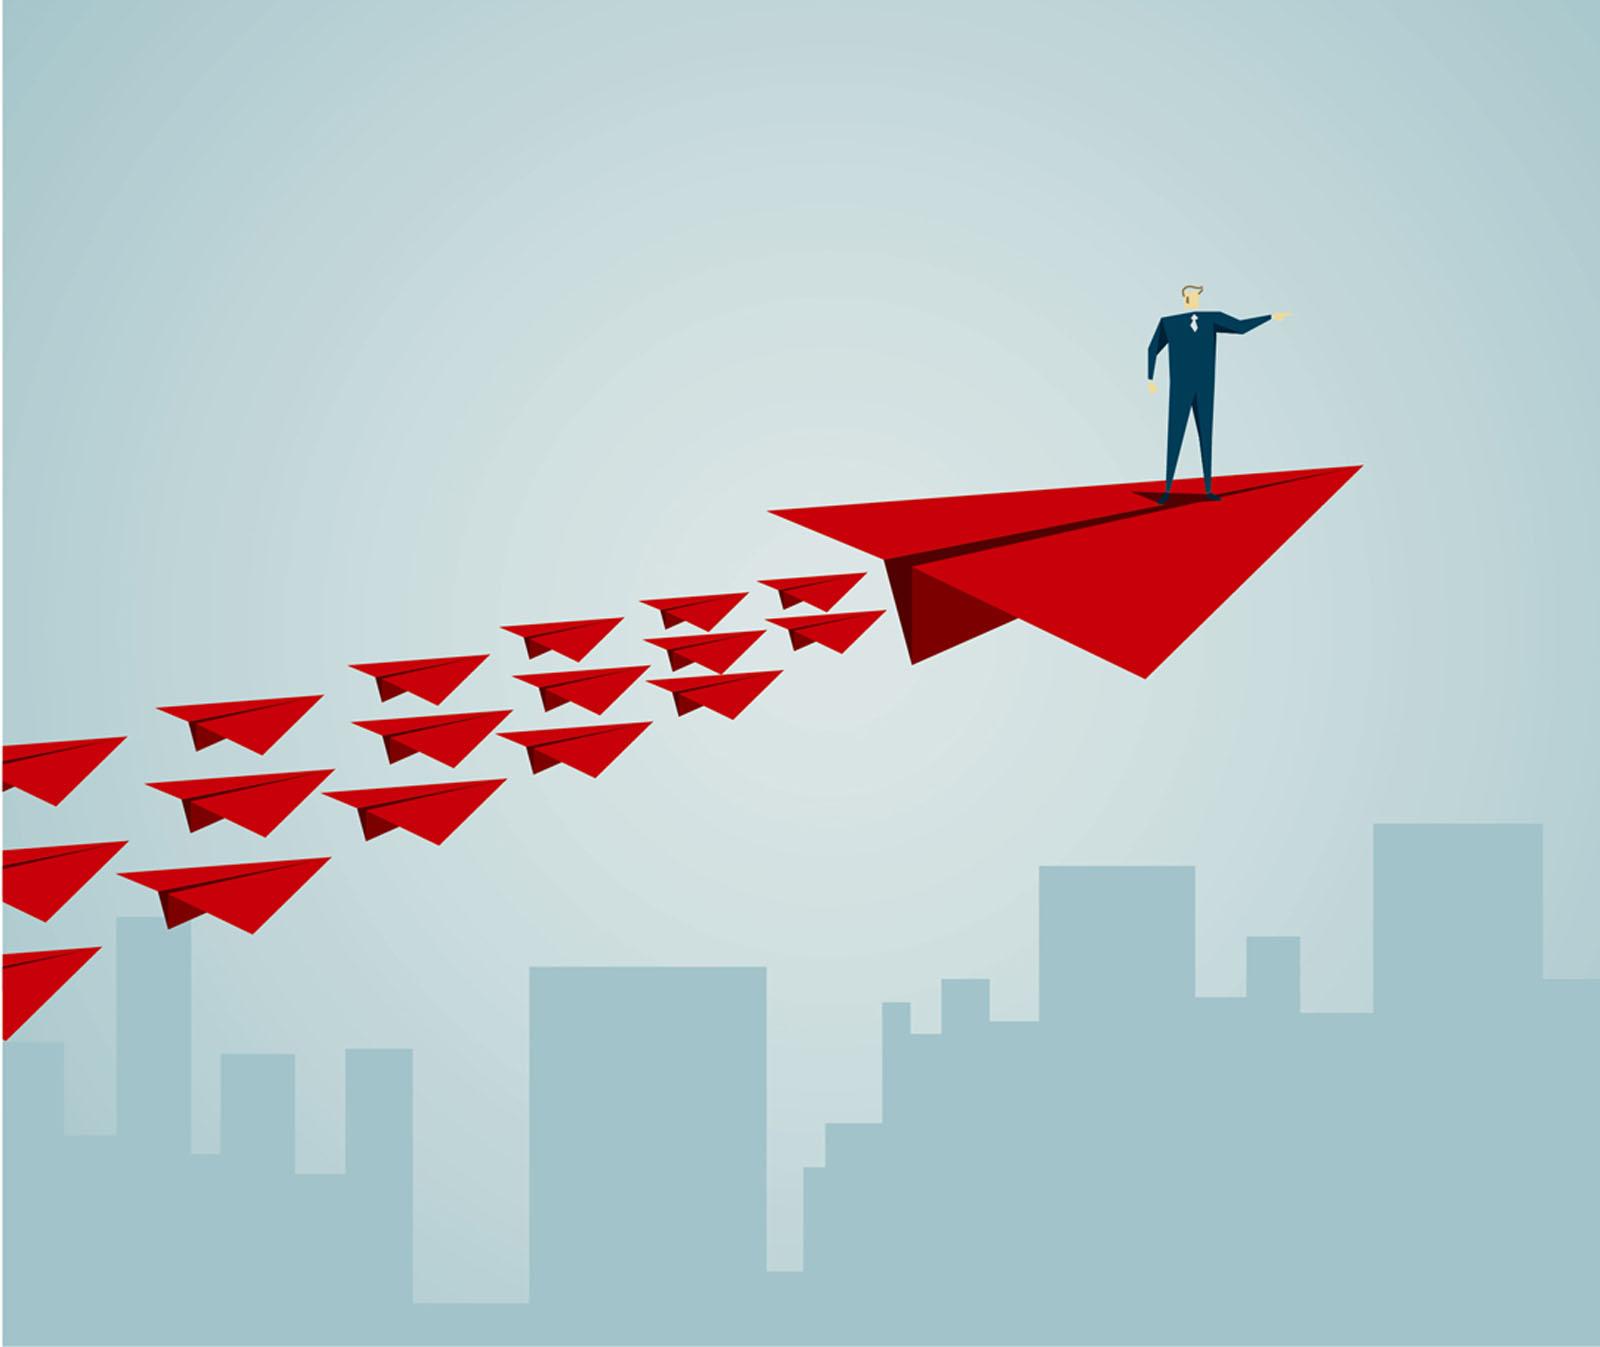 Giai đoạn trưởng thành của sản phẩm/dịch vụ và lượng tìm kiếm tổng thể